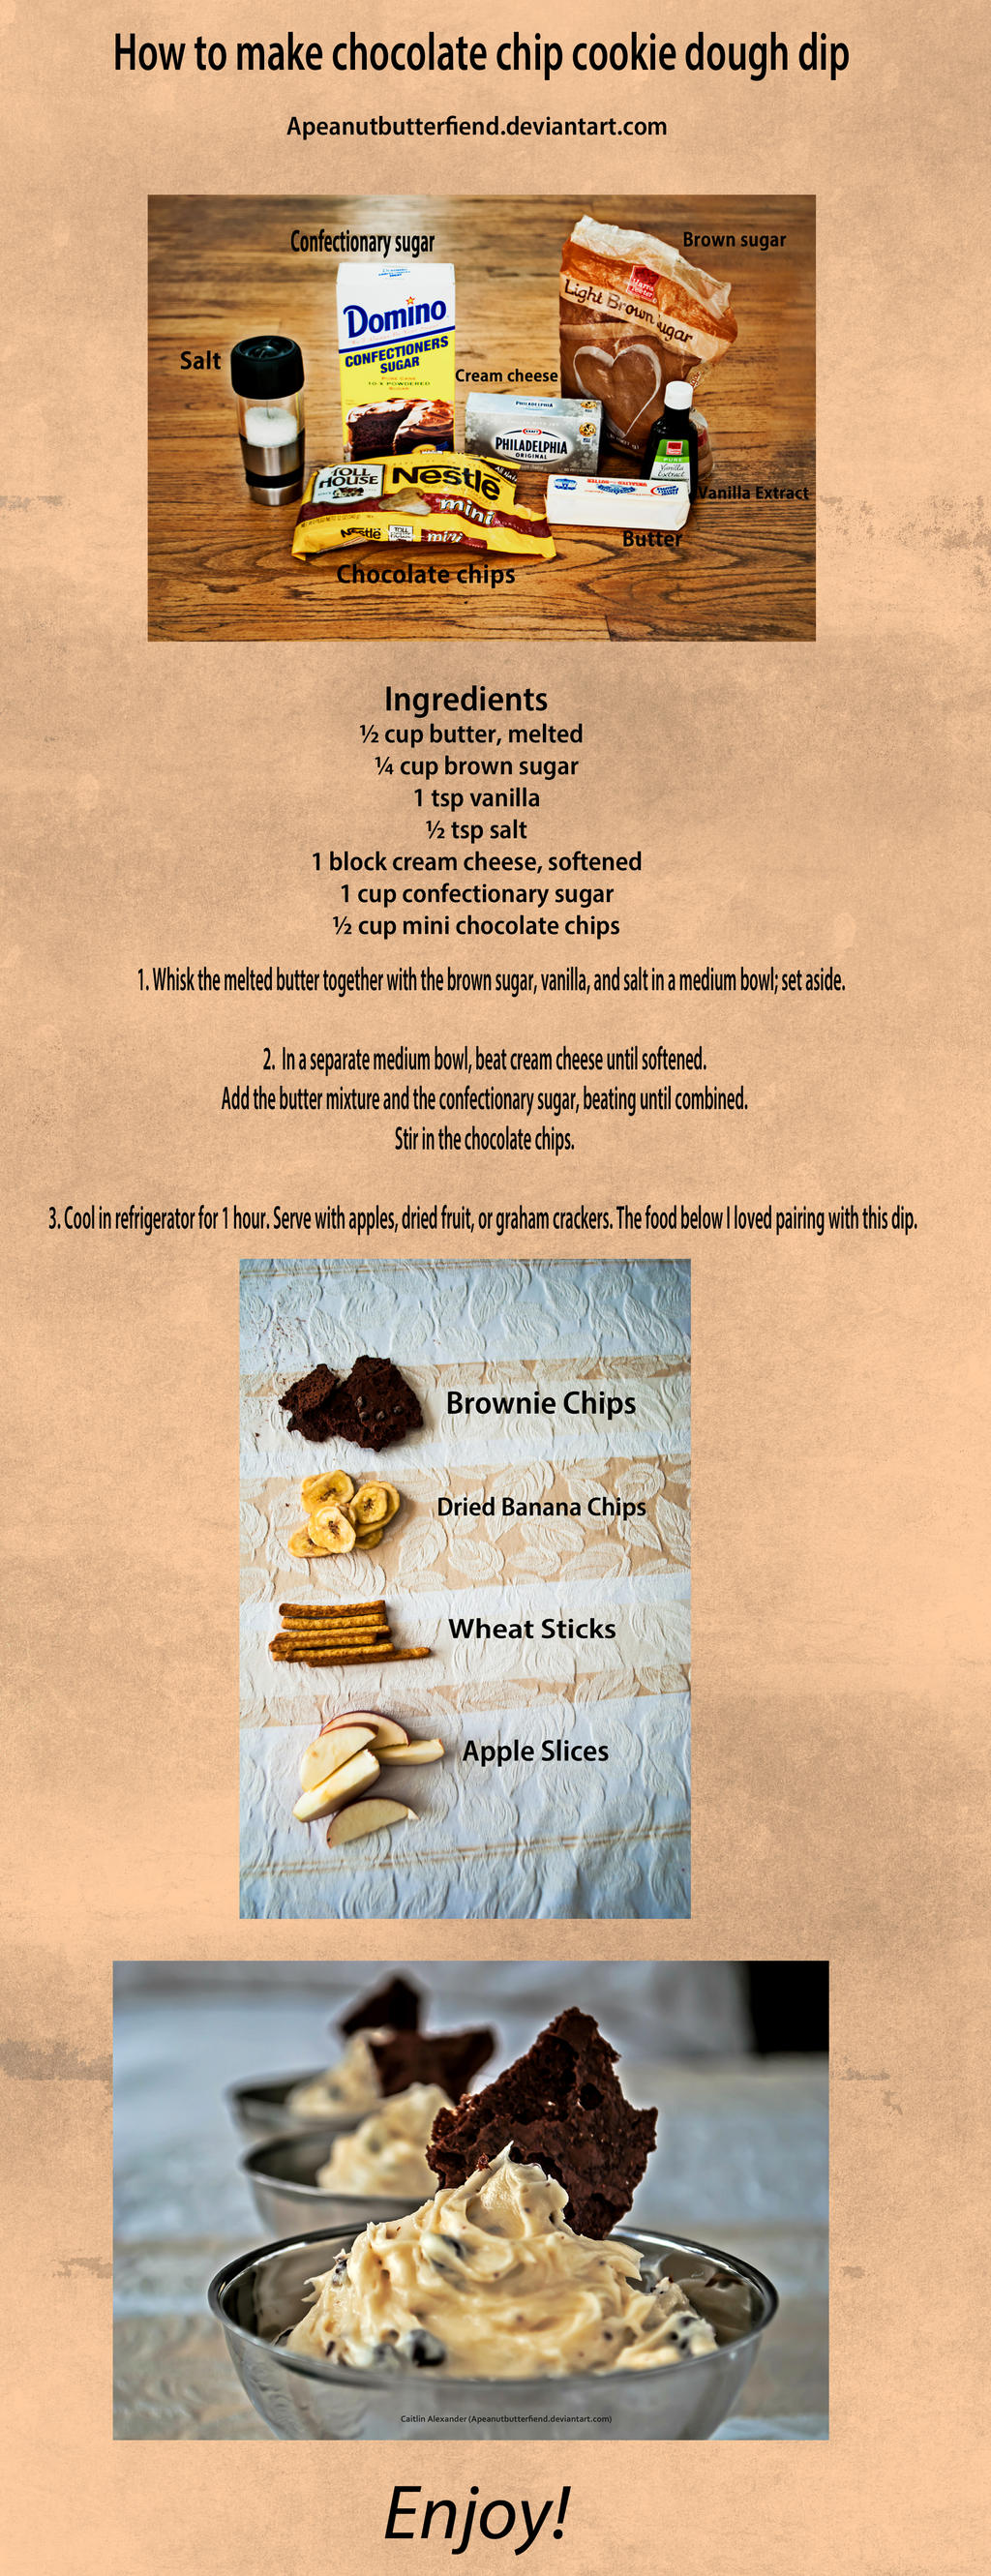 Cookie Dough Dip walkthrough by Apeanutbutterfiend